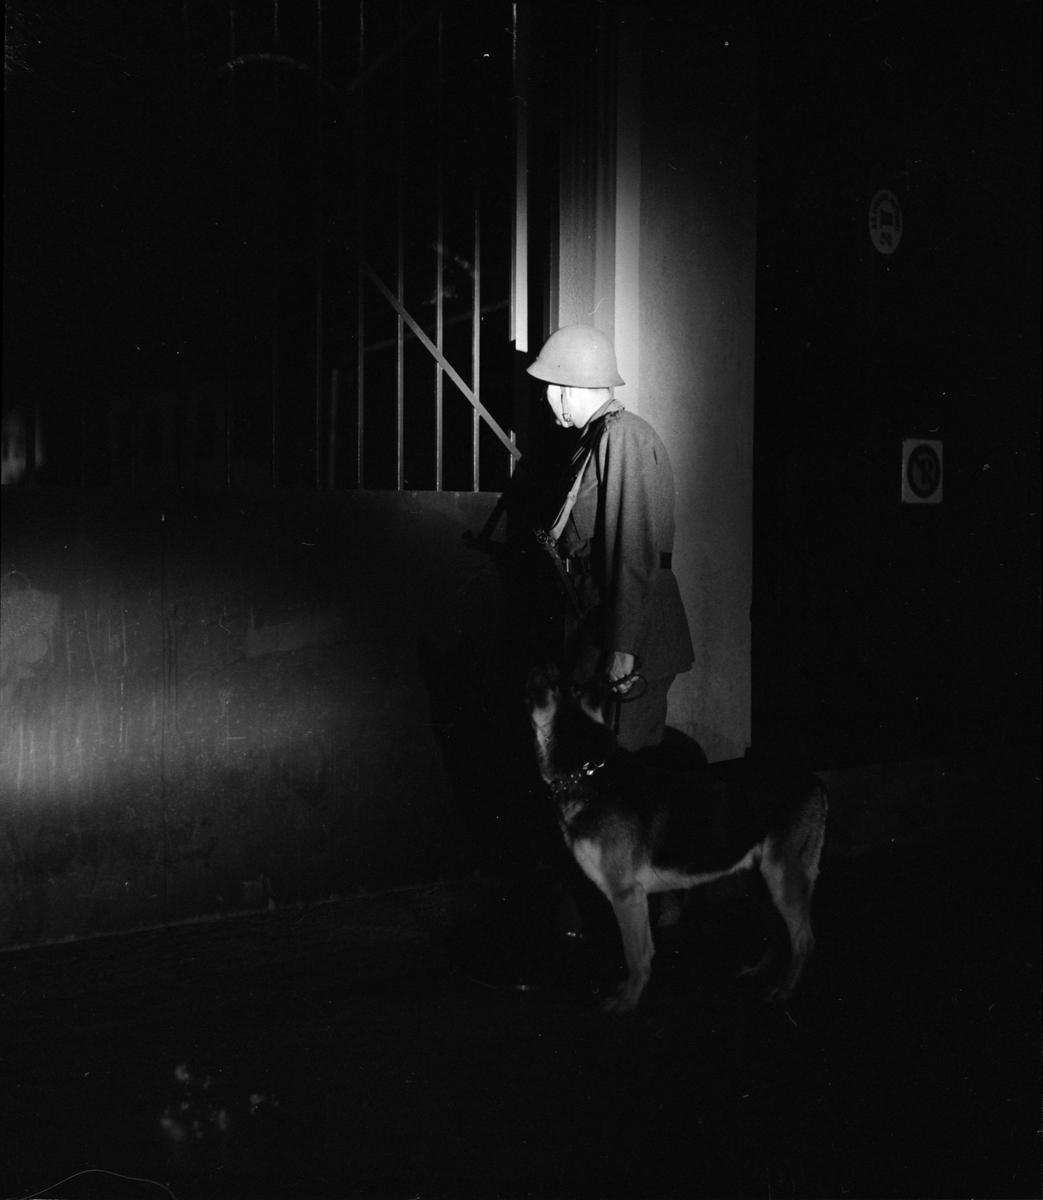 Nattvakt med hund vid Uppsala Bayerska Bryggeri, kvarteret Sandbacken, Dragarbrunn, Uppsala